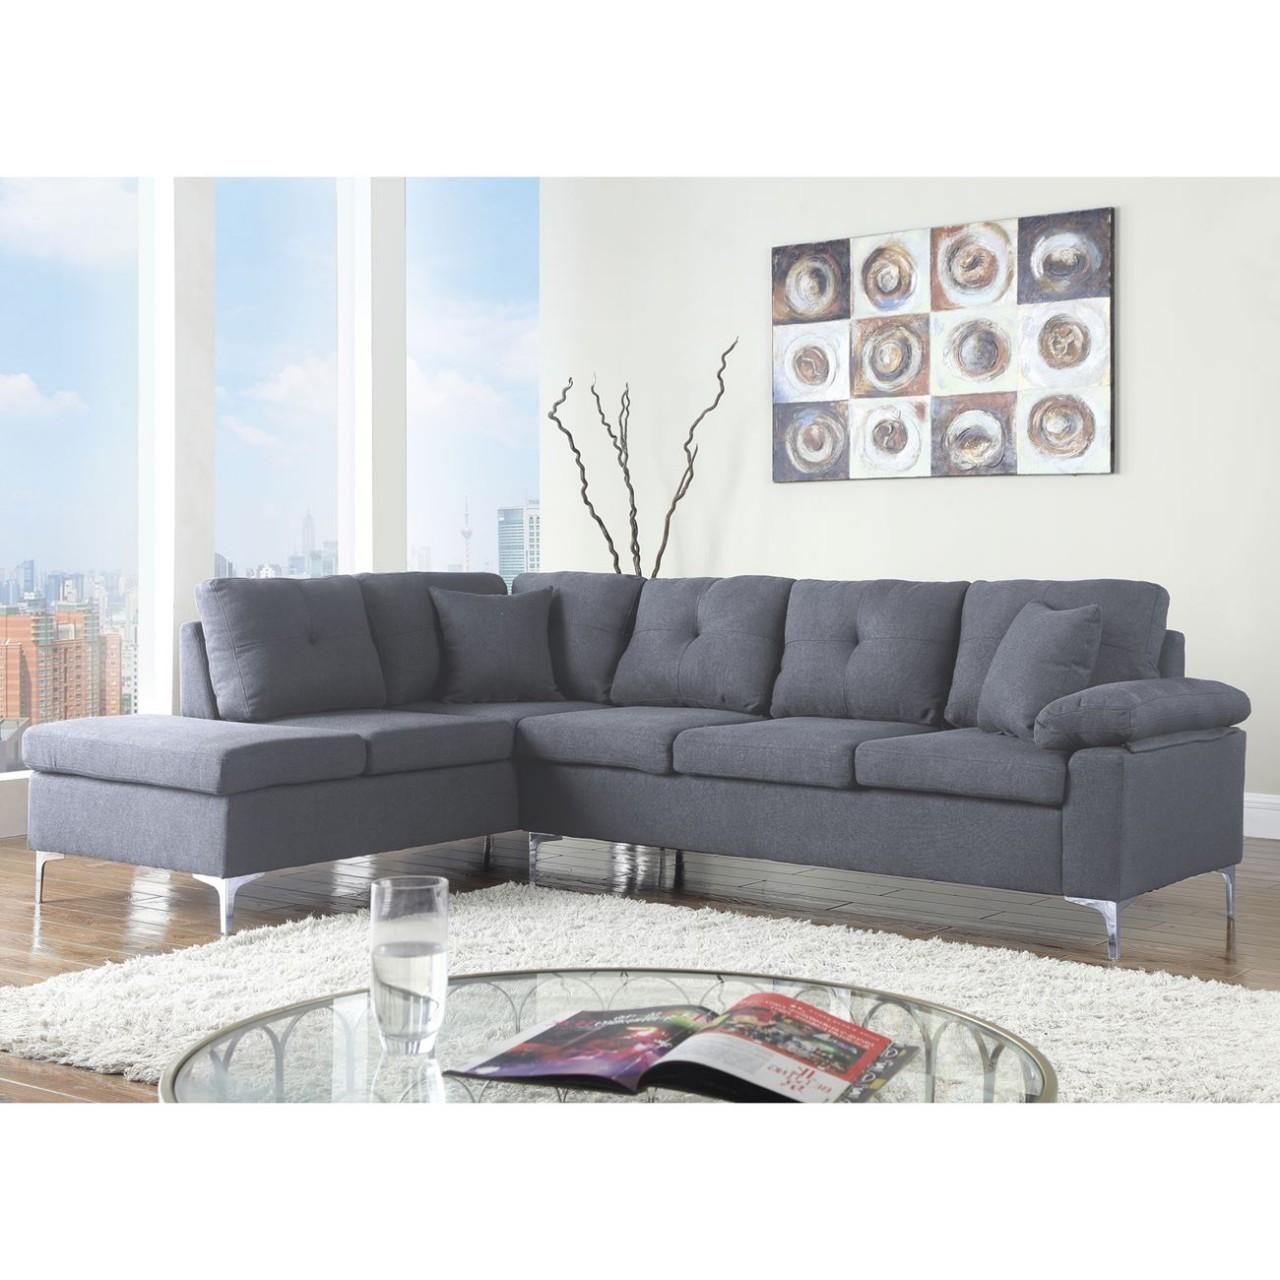 Γωνιακός καναπές Lory Γκρι Έπιπλα Σαλονιού